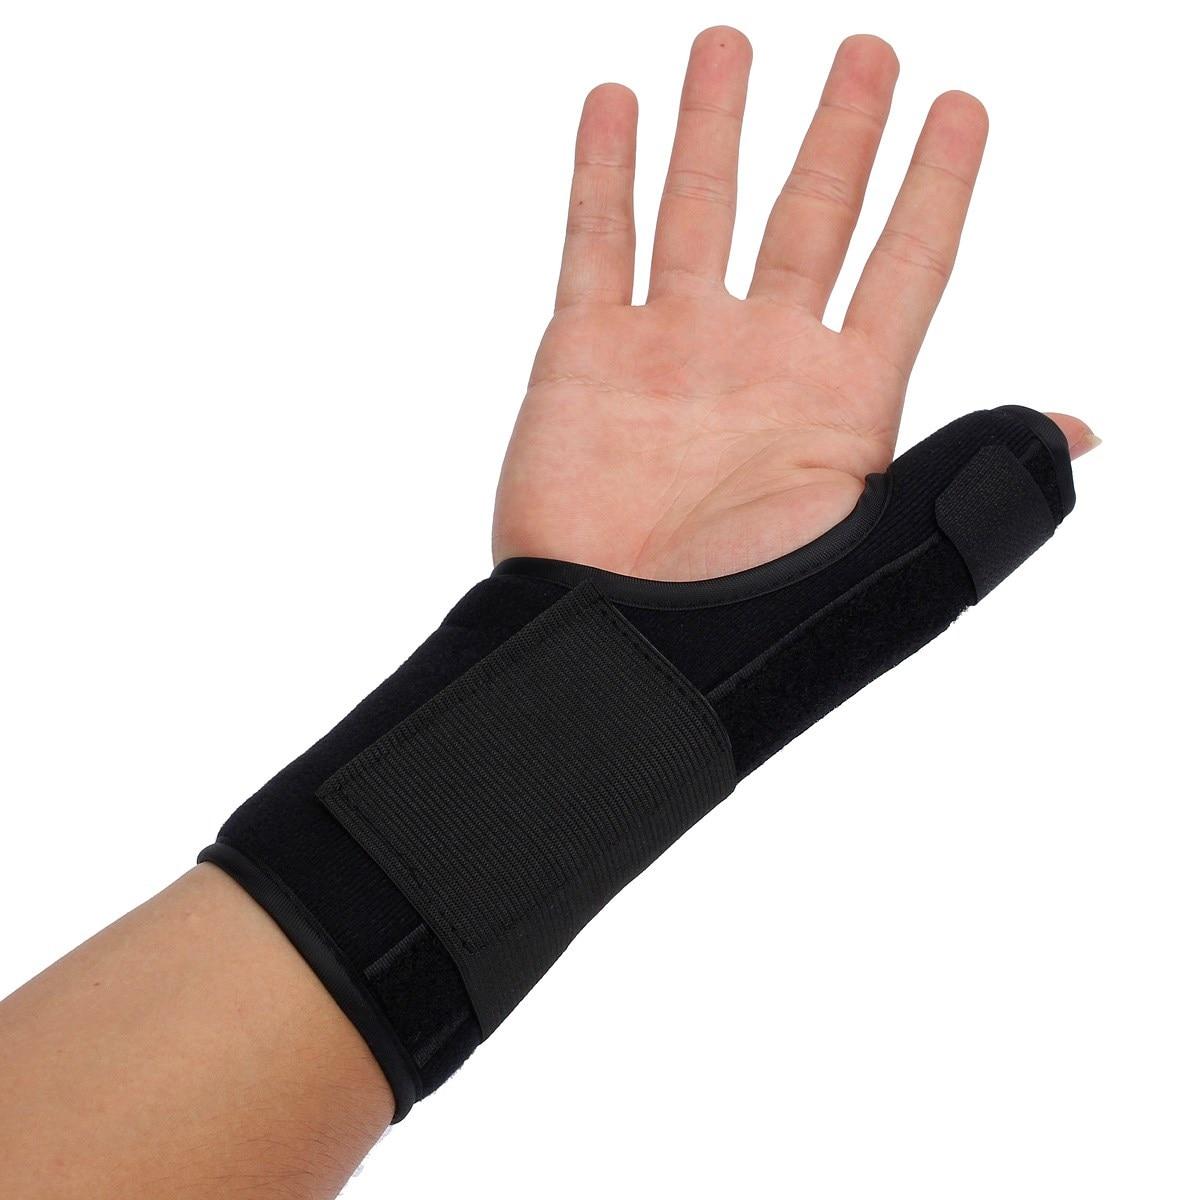 2018 gimnasio de entrenamiento de levantamiento de pesas correas Wraps mano  barra de apoyo de muñeca 095d9d2c60b